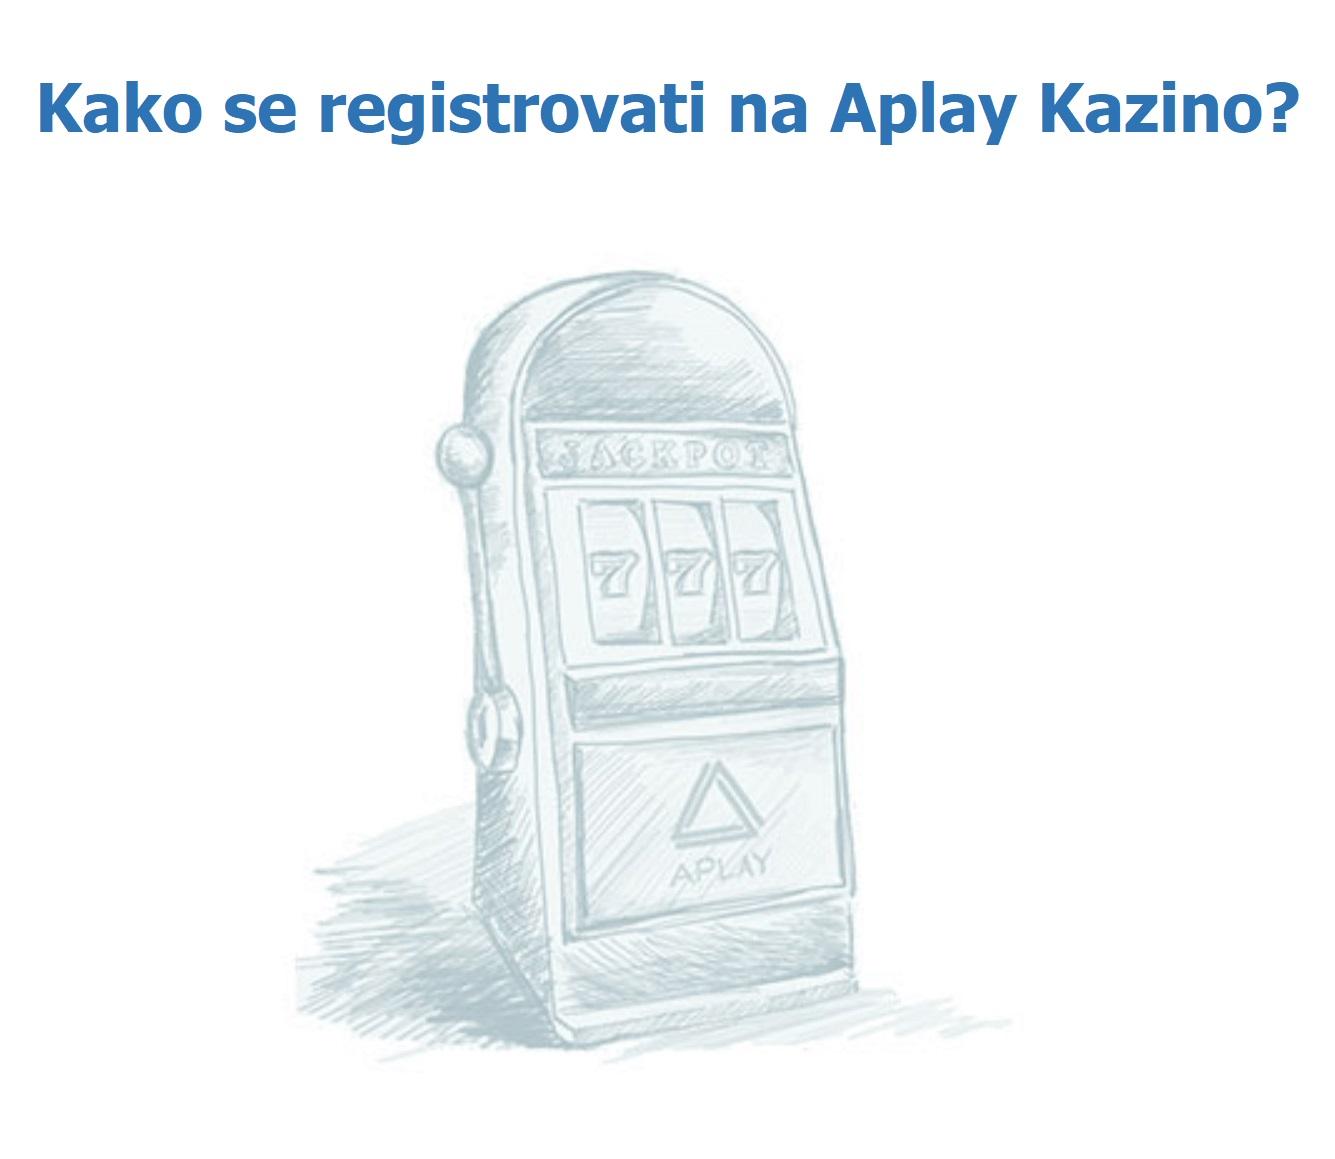 Aplay kazino registracija